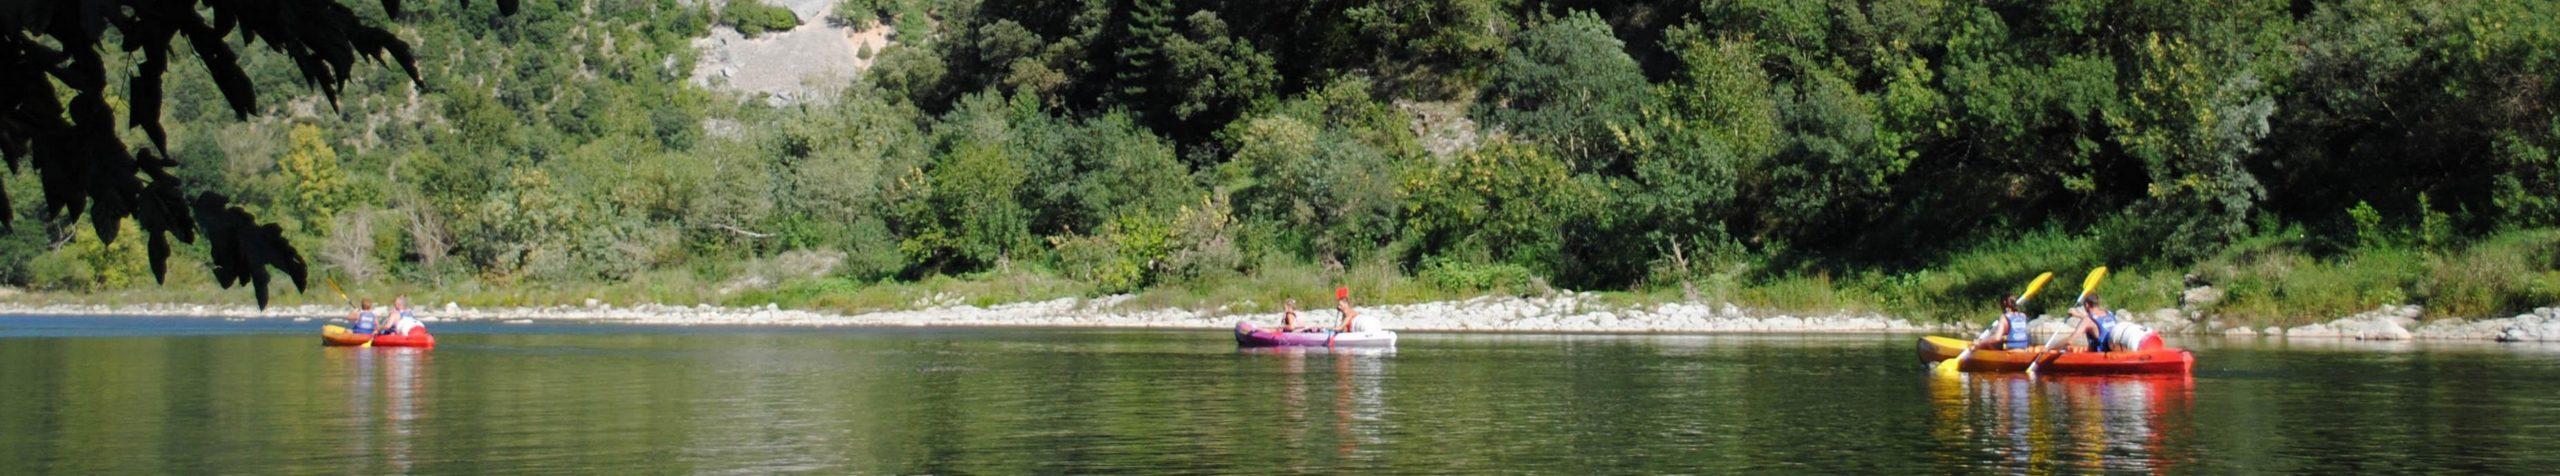 la location de canoë kayak un autre moyen de découvrir la nature